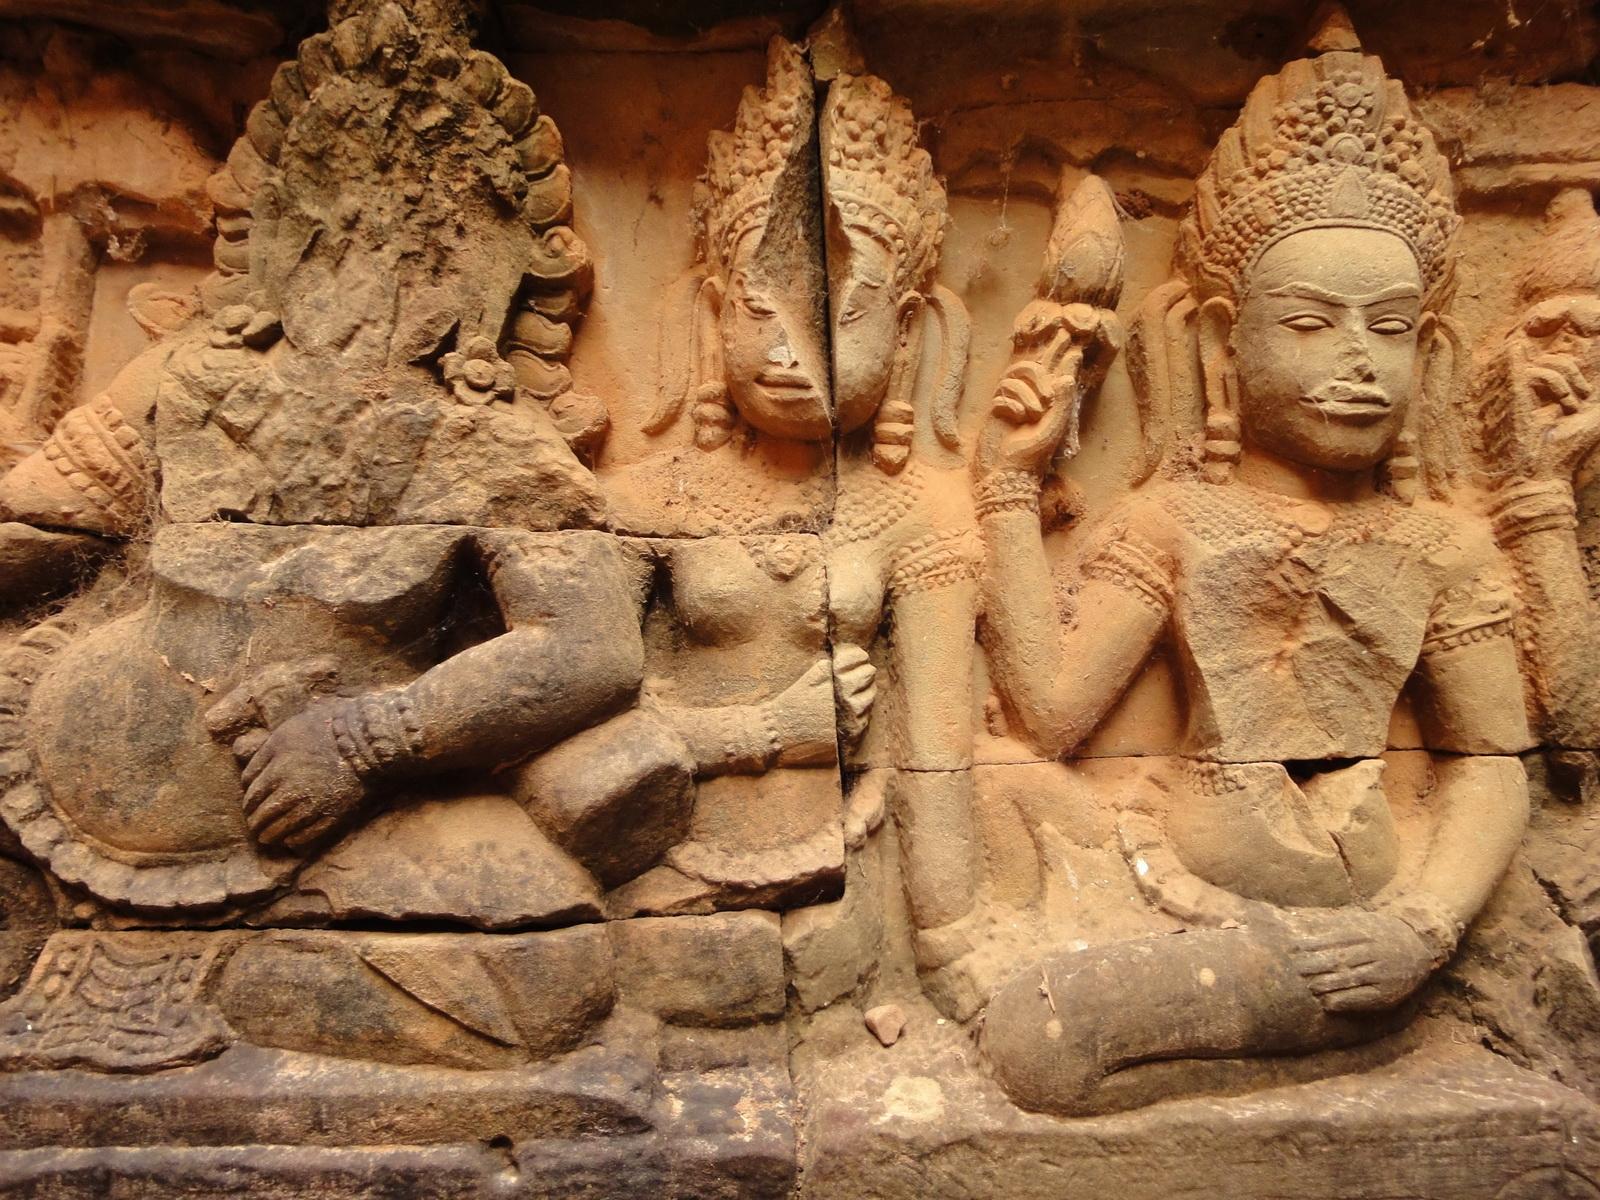 Leper King Terrace hidden wall underworld Nagas and deities 087